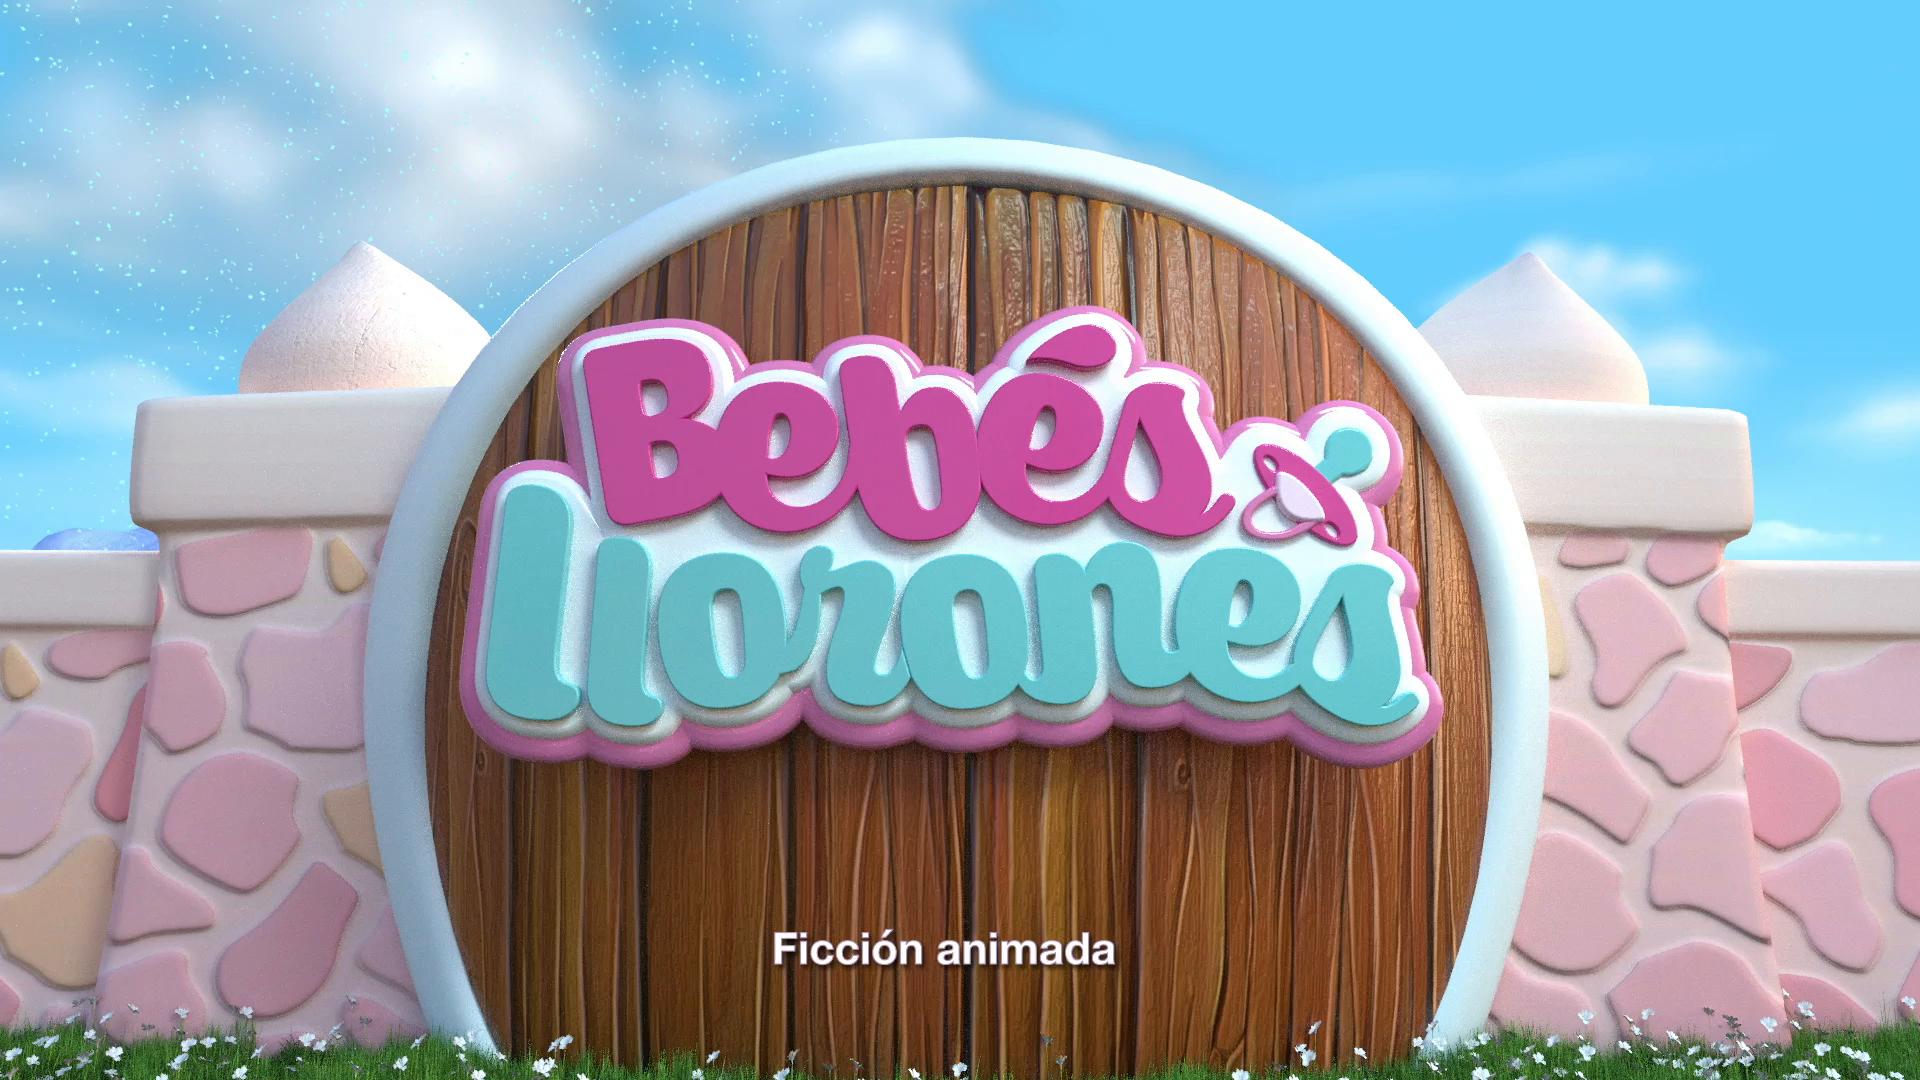 Amazon.es: IMC Toys - Bebés Llorones, Lea (10574): Juguetes y juegos